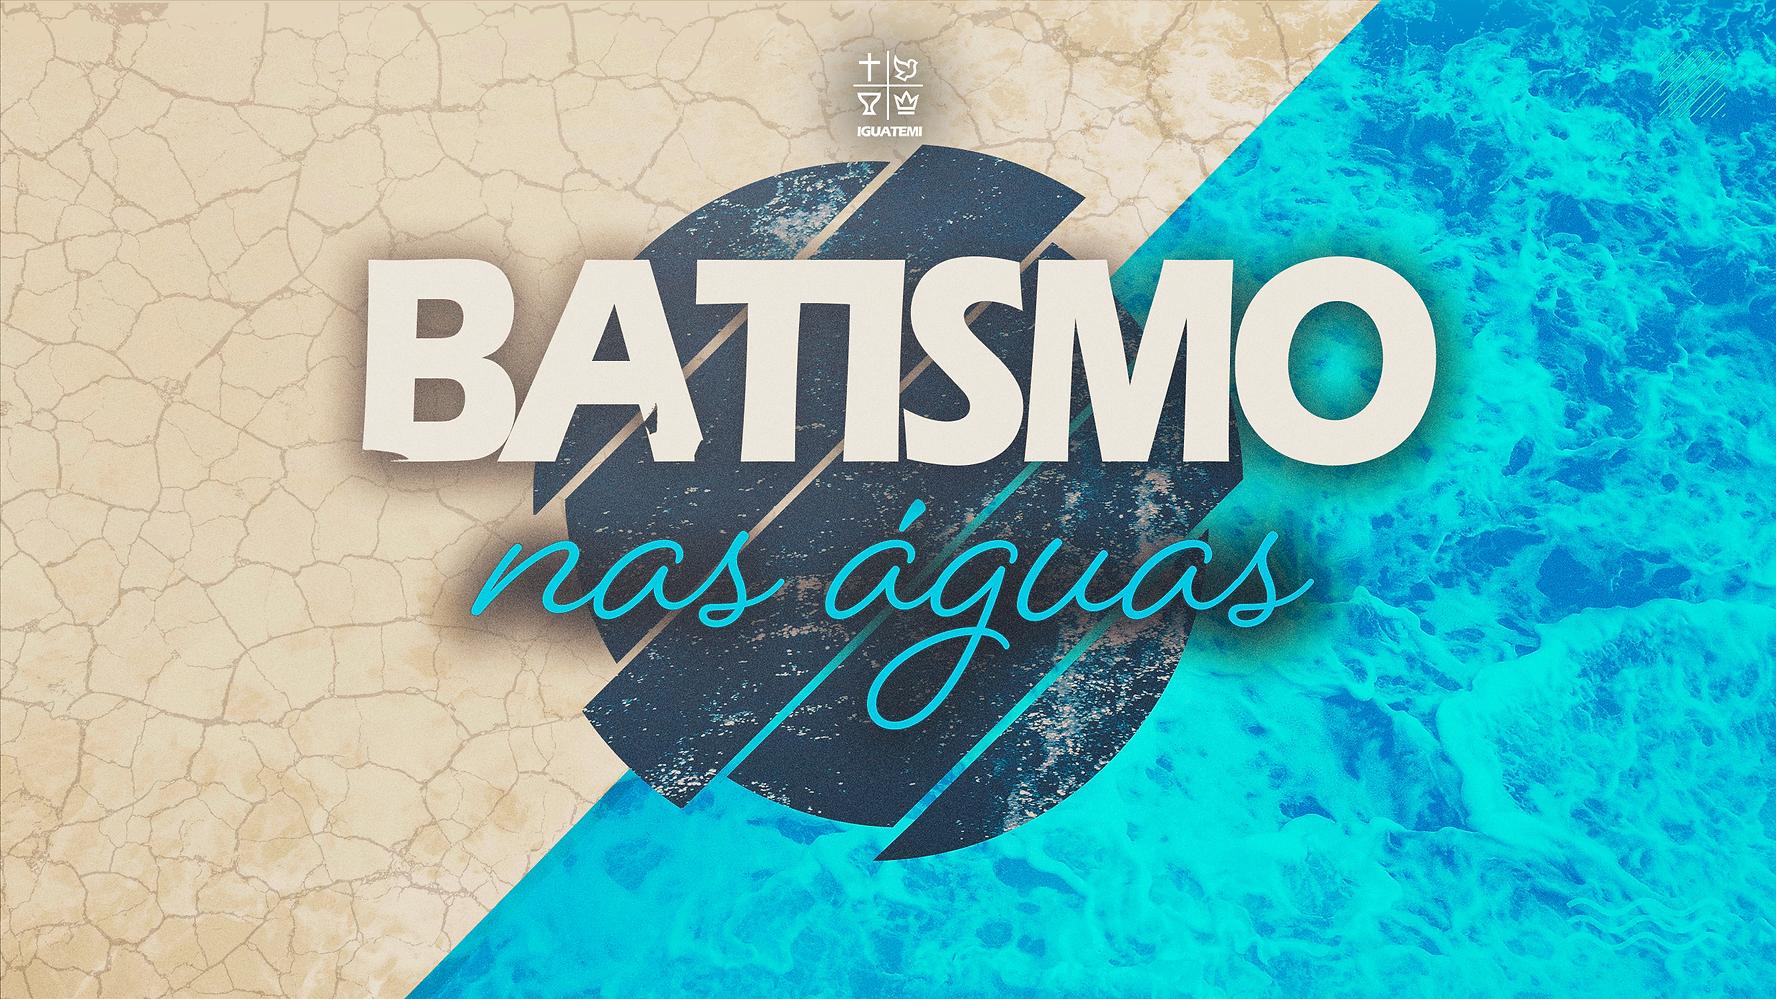 art batismo nas aguas 2020 - slide.png